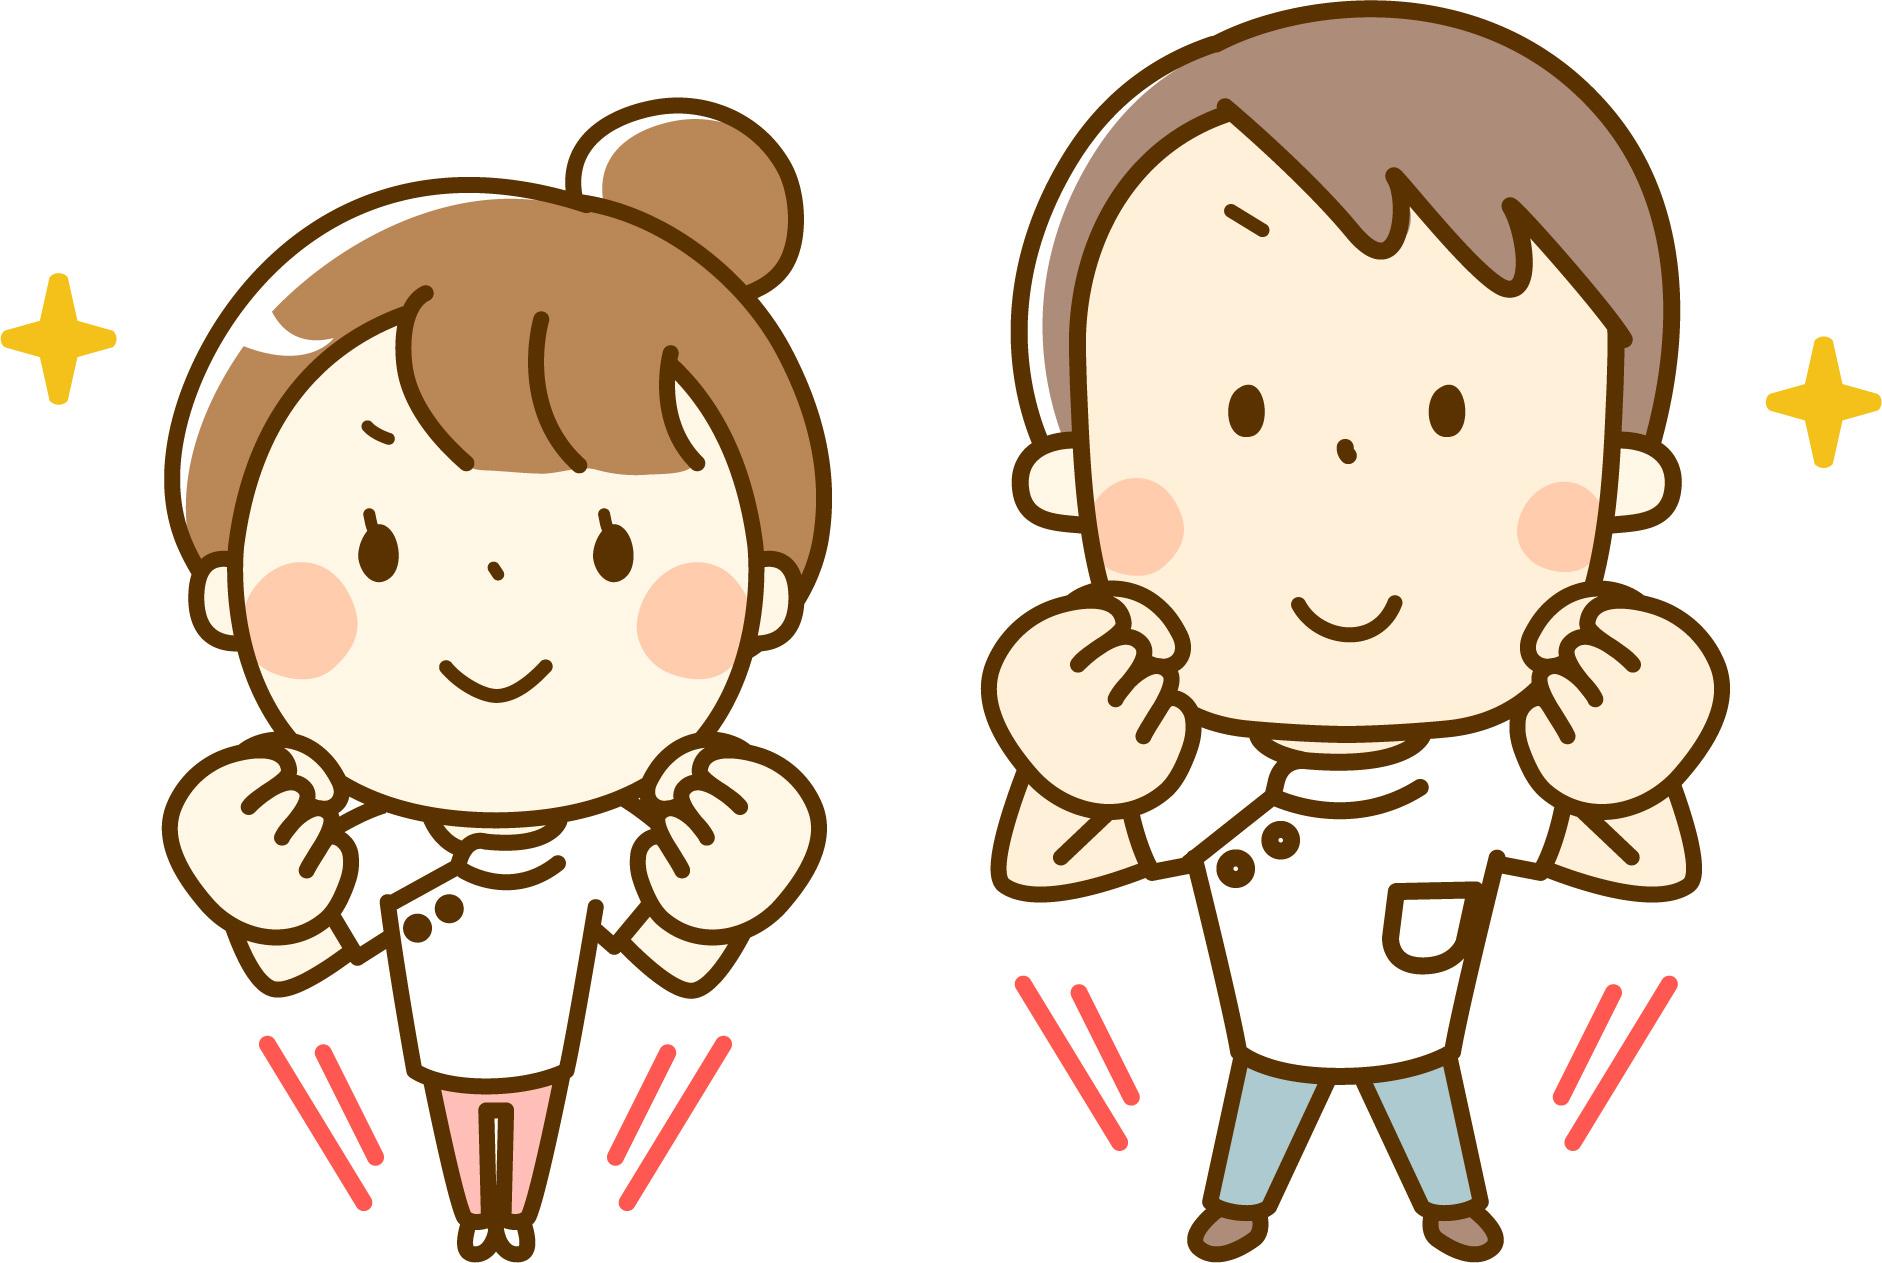 <ケアマネージャー求人>【東京都東村山市の有料介護施設】月給29万円以上可能♪昇給年1回♪賞与年2回3ヶ月分♪週休2日シフト制♪年間休日110日!